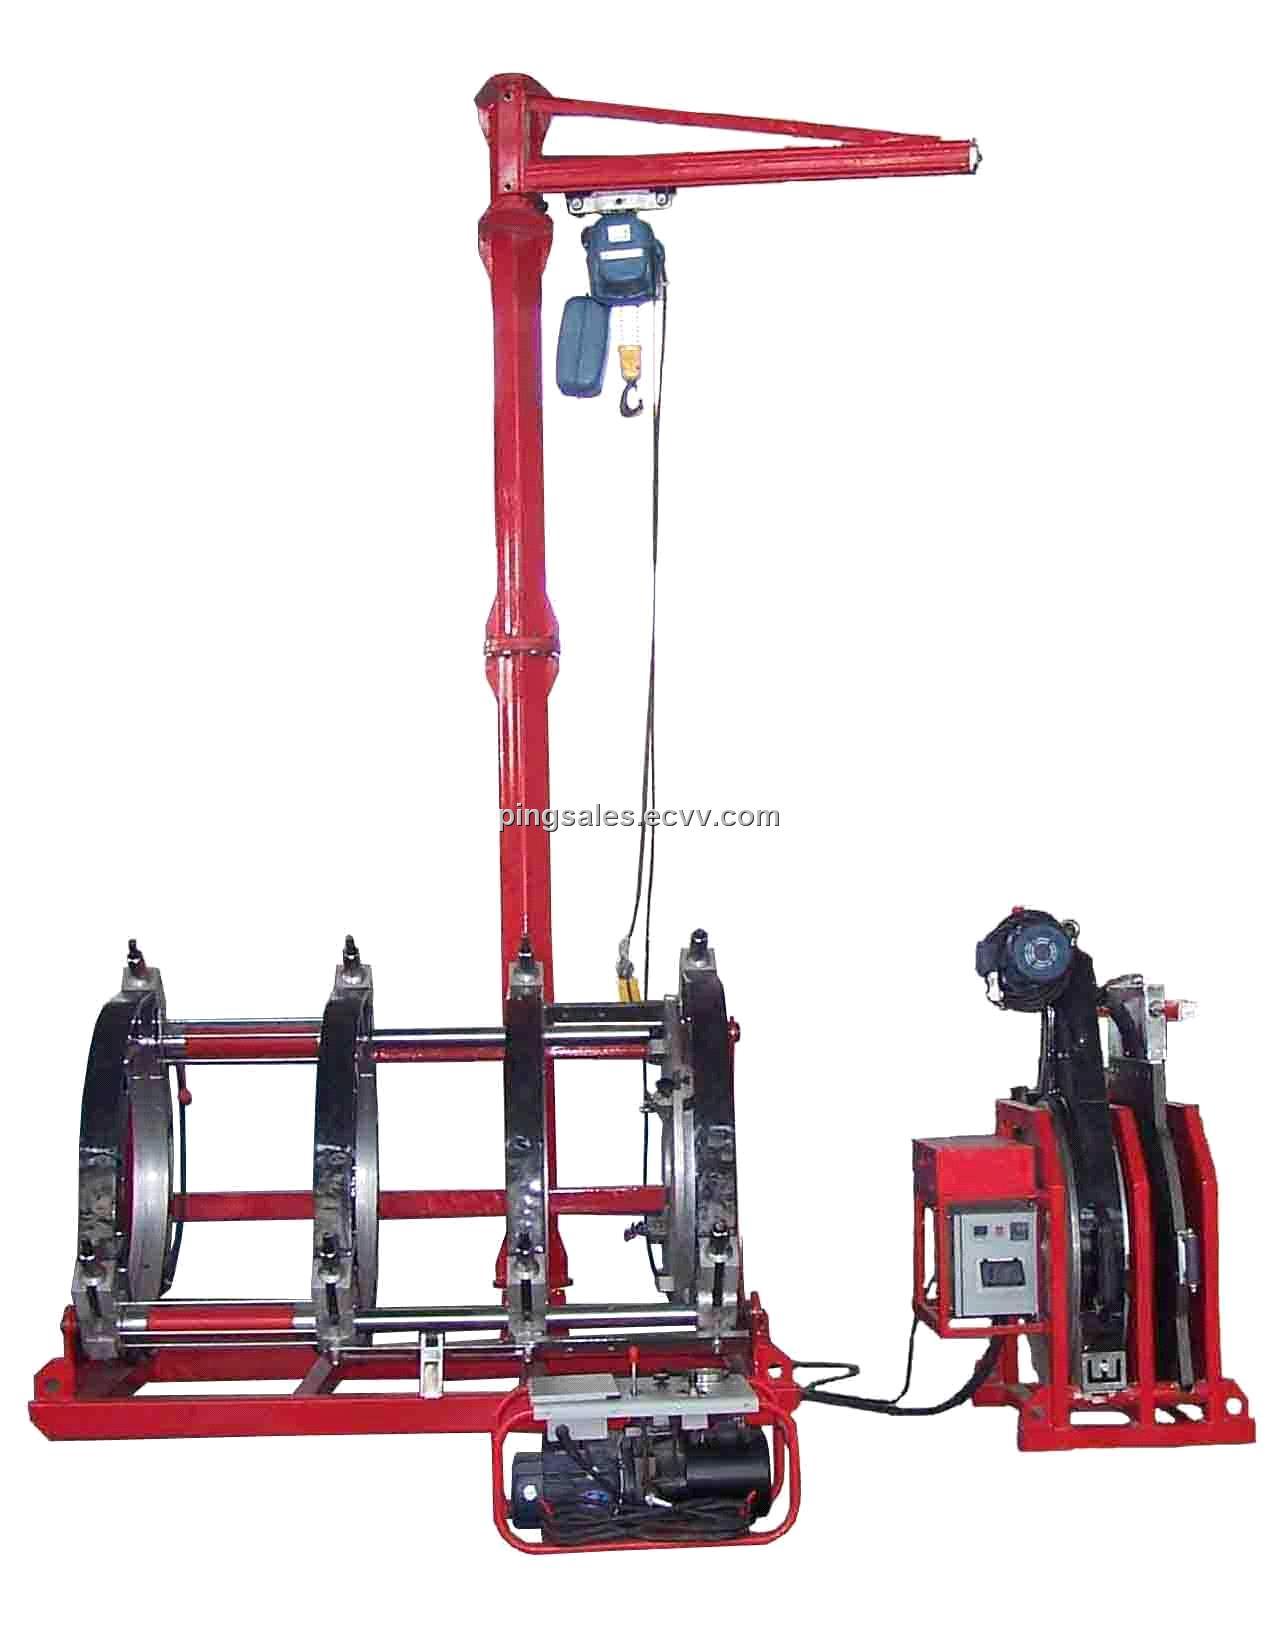 Shd hdpe pipe butt fusion welding machine purchasing